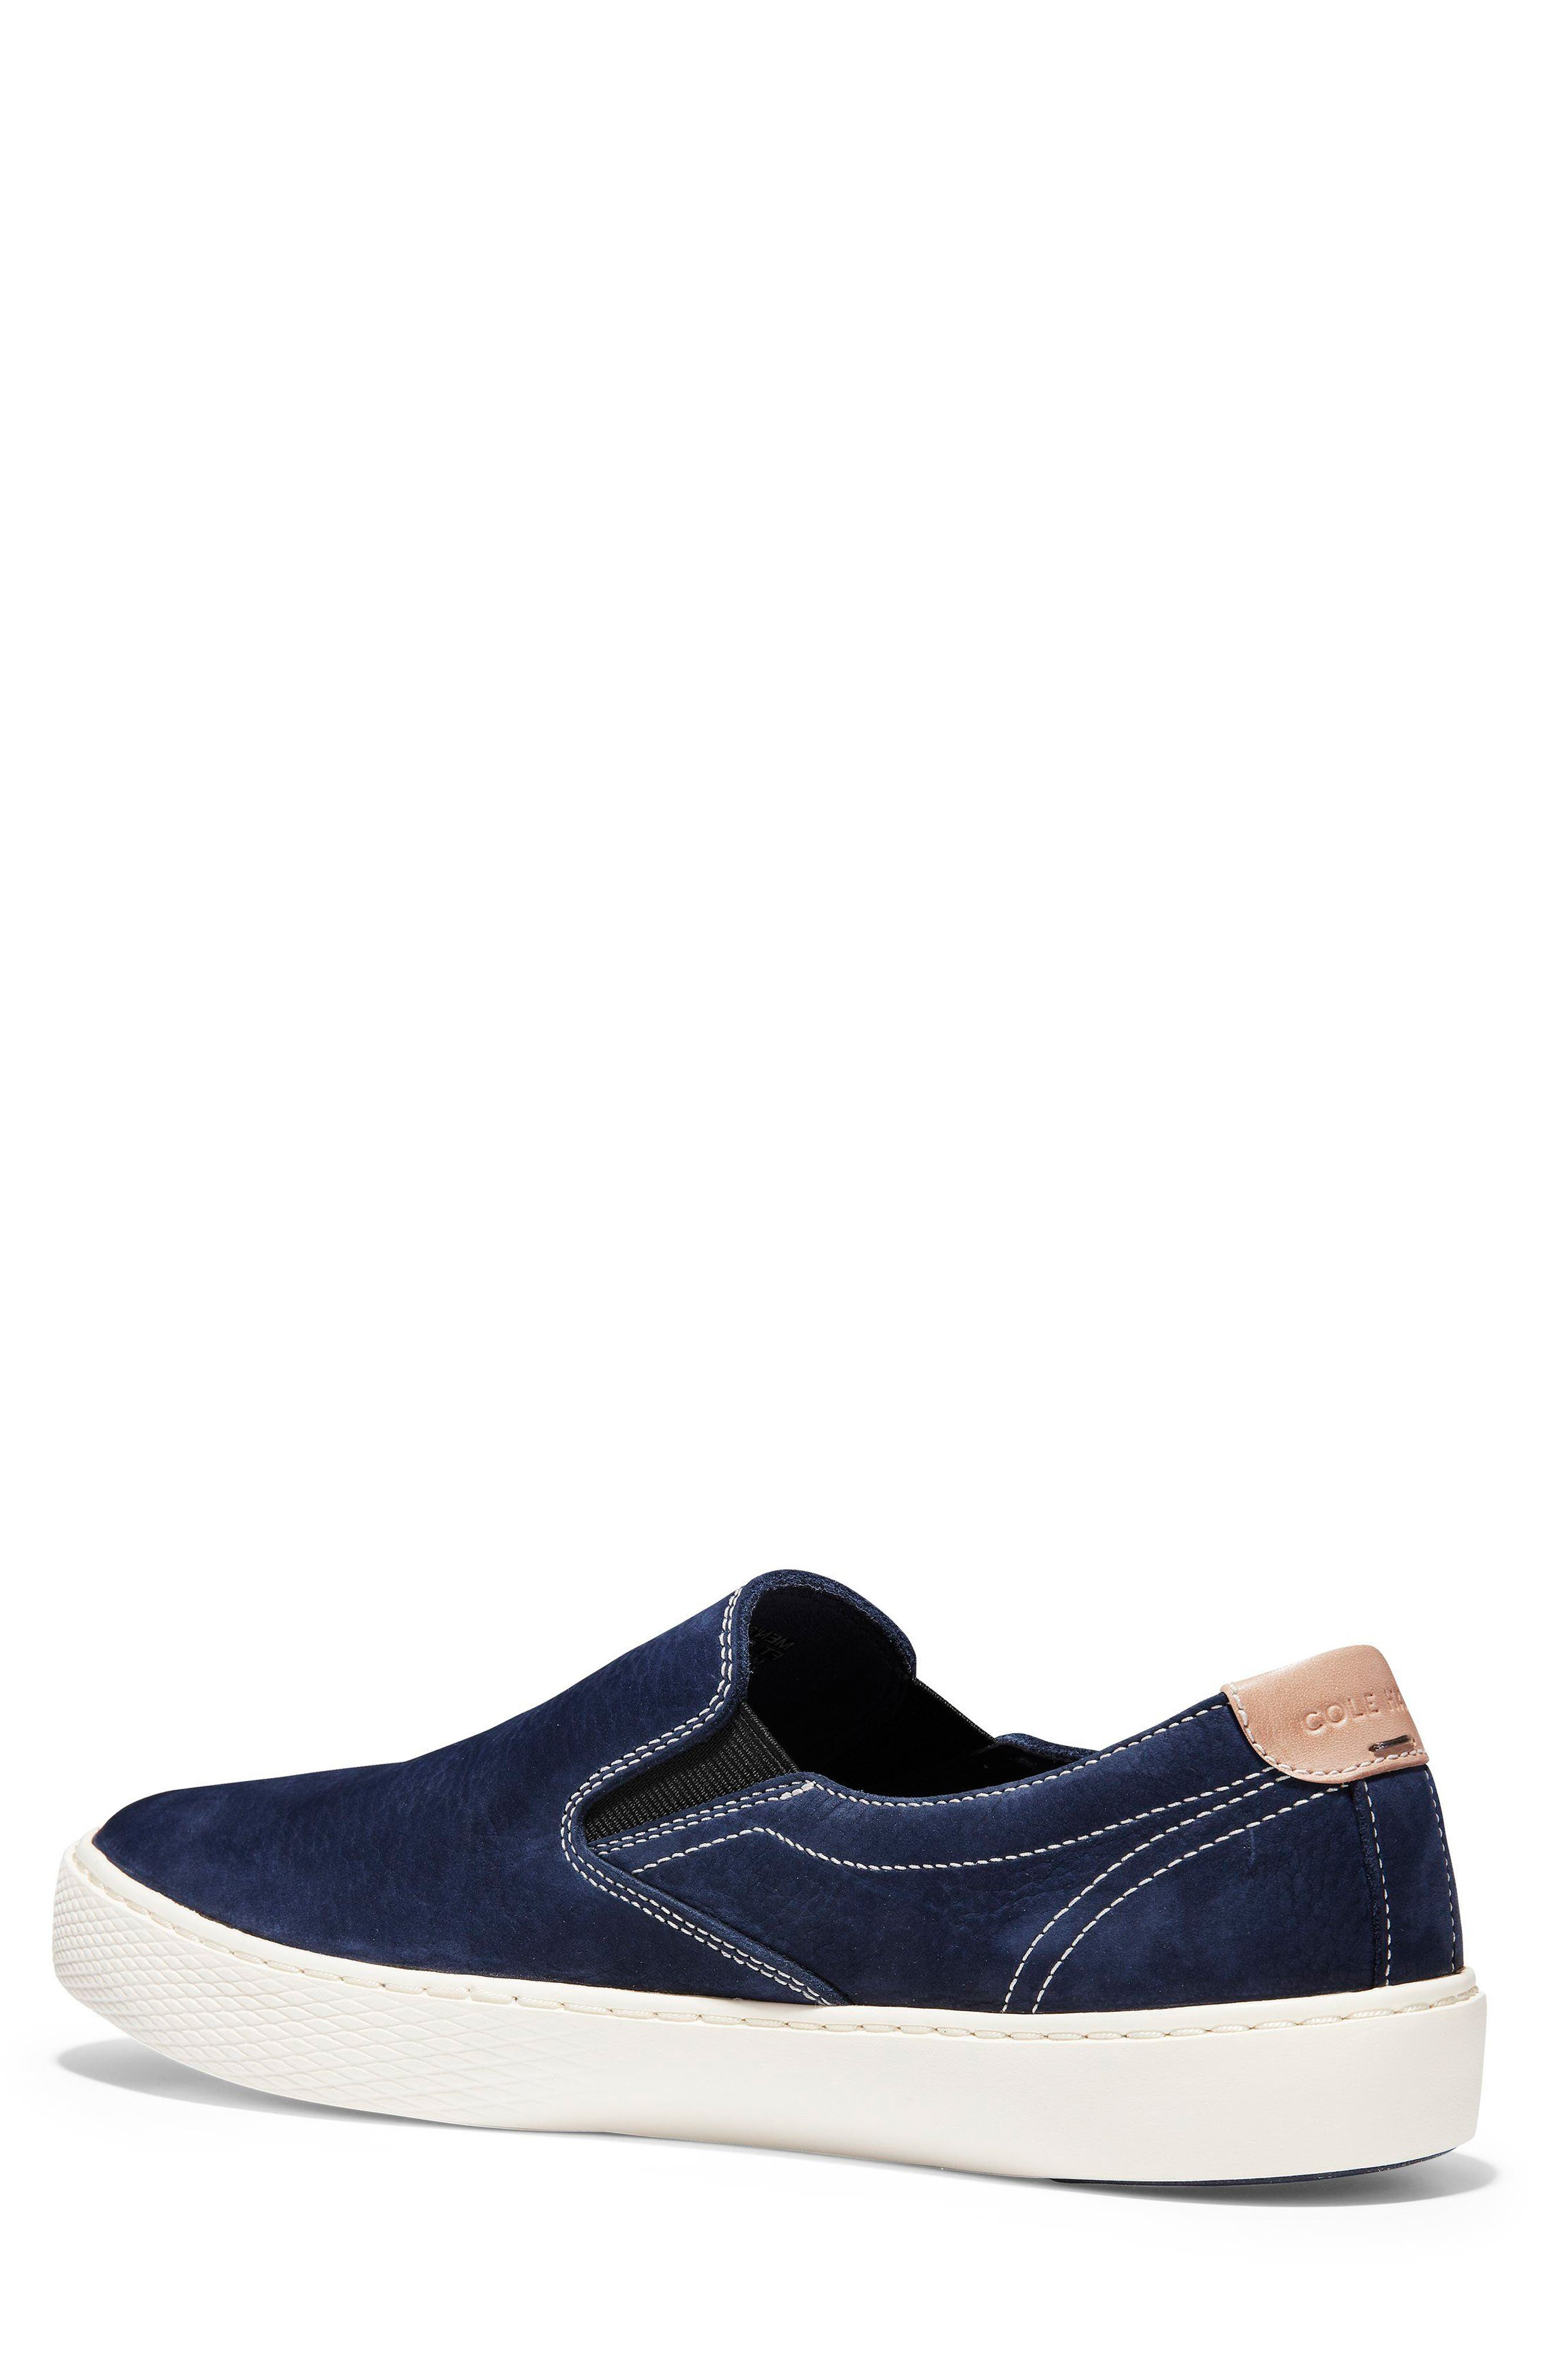 GrandPrø Deck Slip-On Sneaker,                             Alternate thumbnail 2, color,                             Marine Blue Nubuck